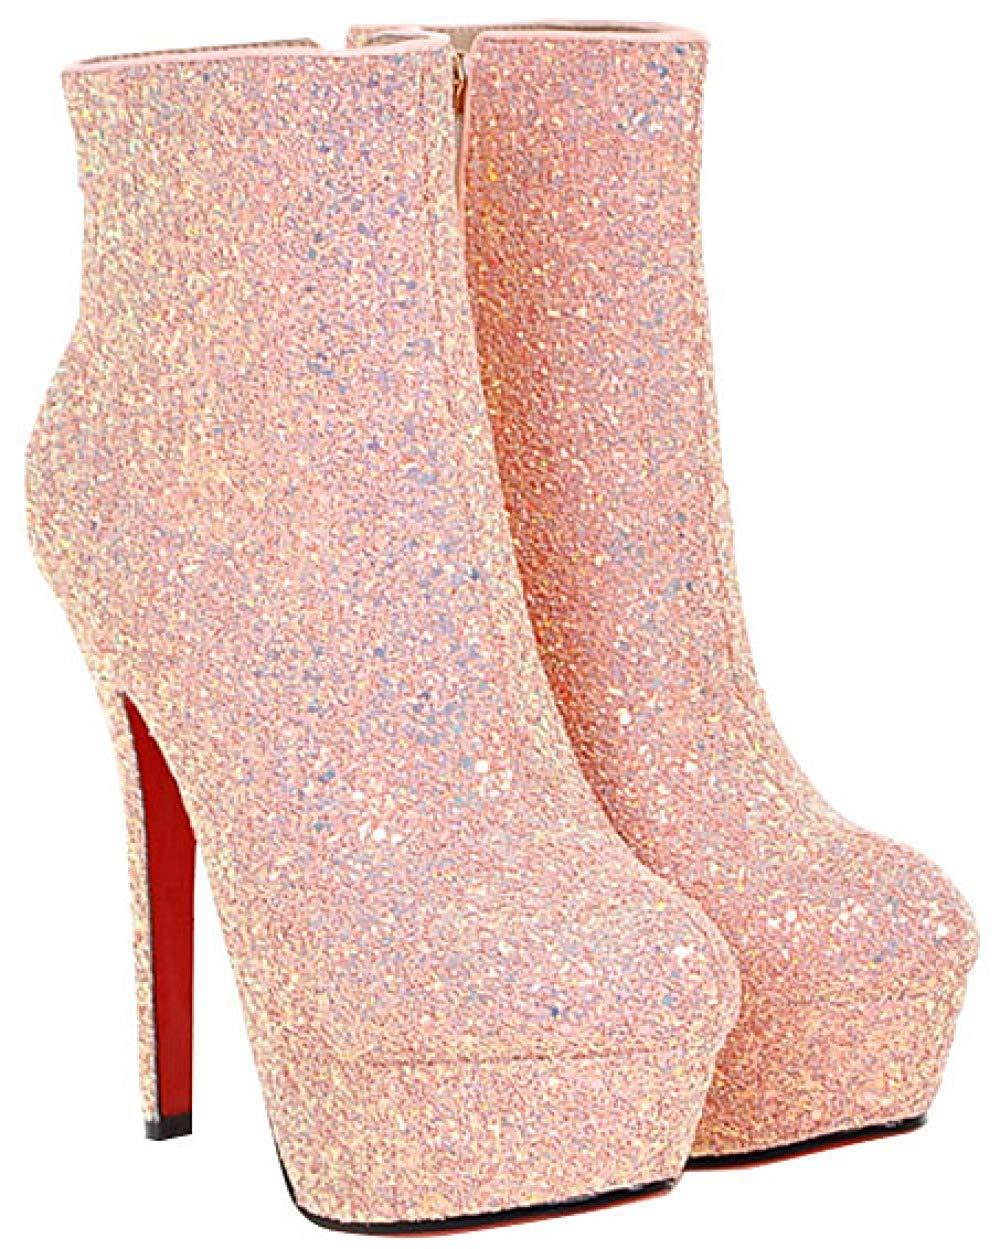 HhGold Weibliche Stiefel Die Nachtschuhe Der Hohen Schuhe Schuhe Schuhe Der Schuhe Wedding Sind (Farbe   Rosa, Größe   37EU) 6bd42e